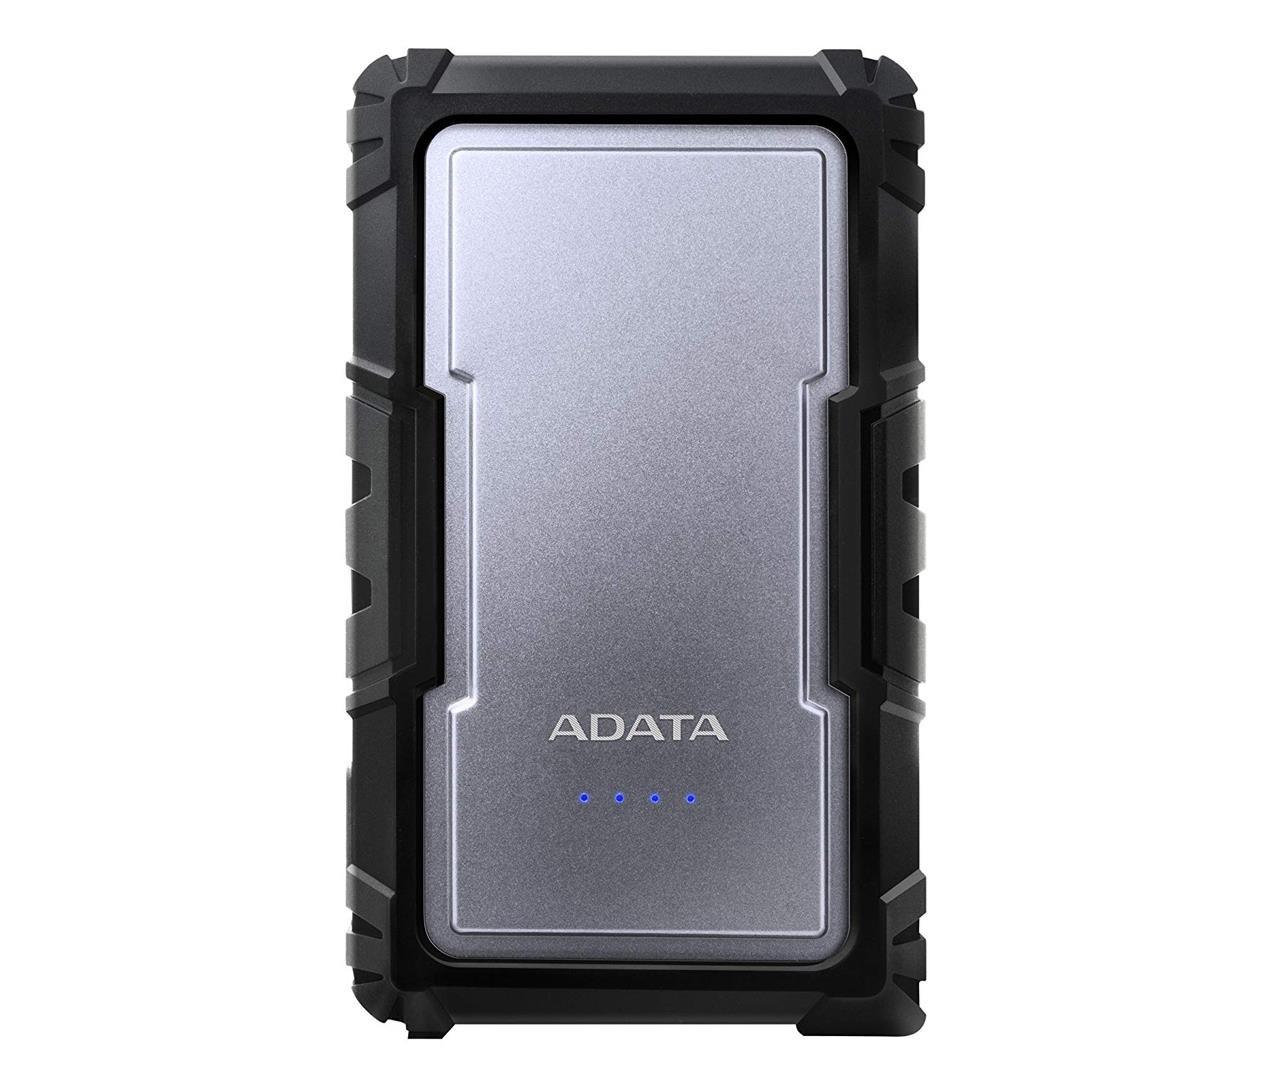 Powerbank ADATA AD16750 16750mAh